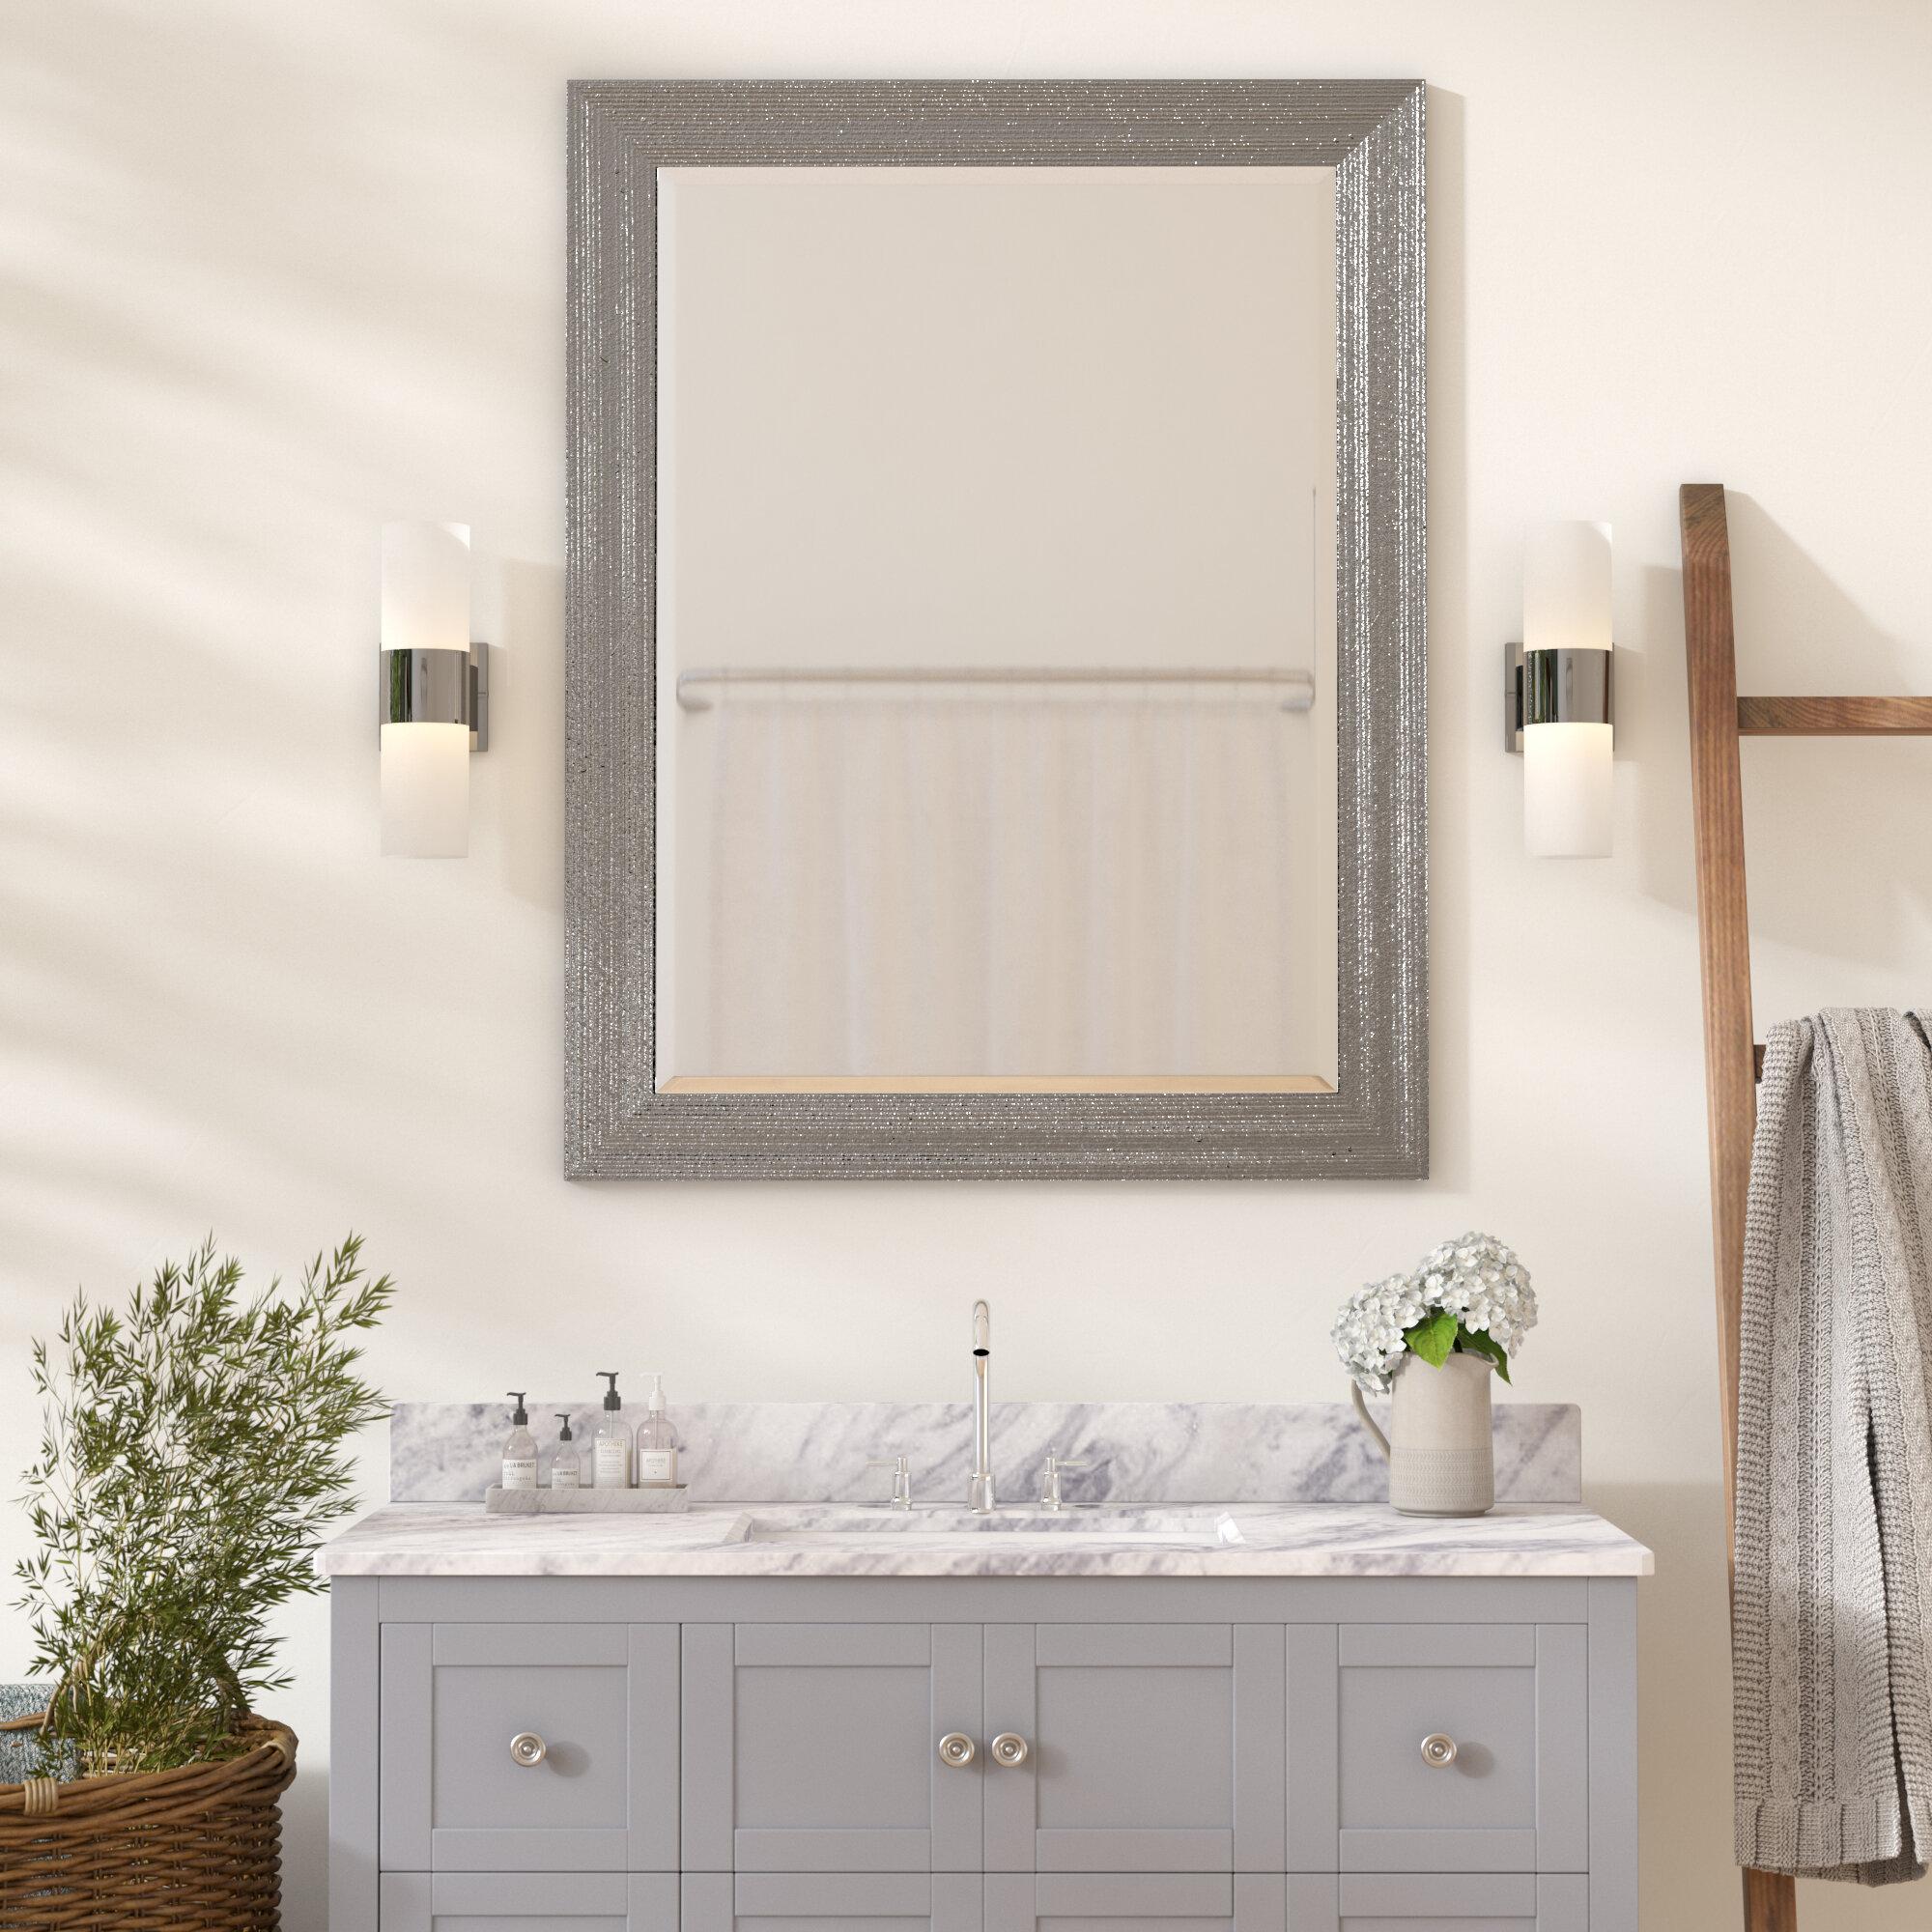 Steinberger Beveled Edge Bathroom Vanity Wall Mirror